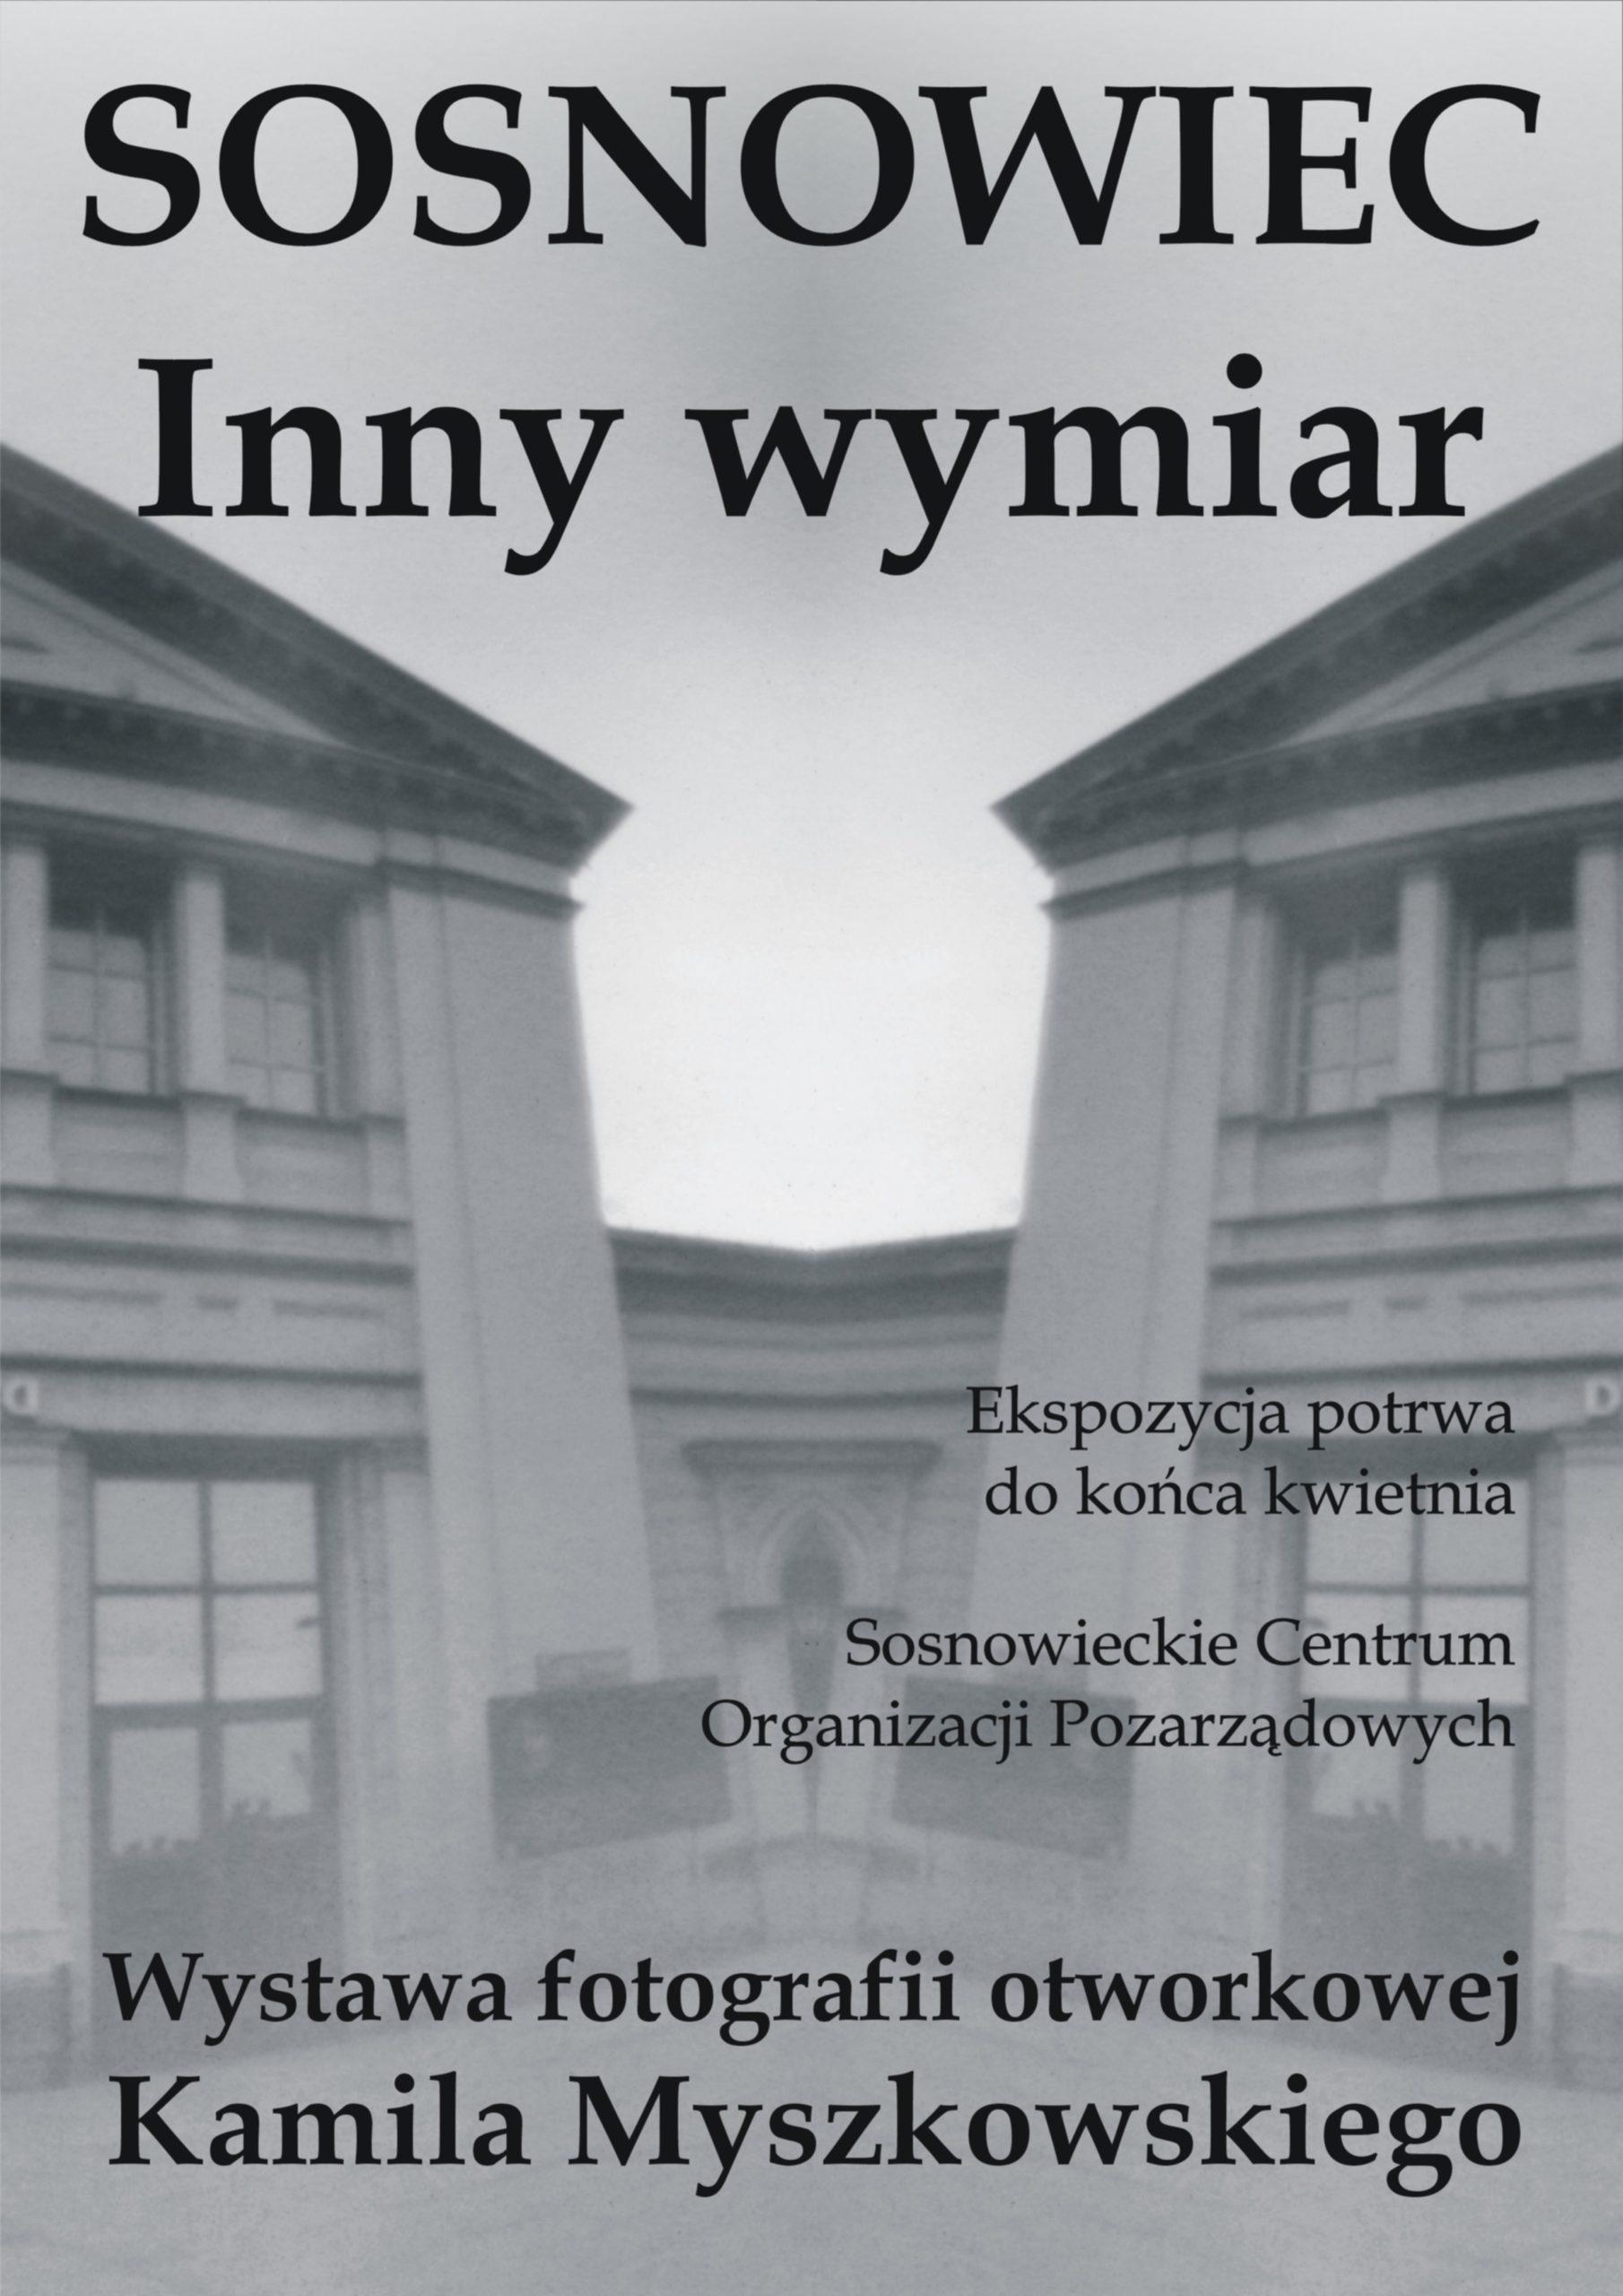 Sosnowiec Inny wymiar Kamil Myszkowski